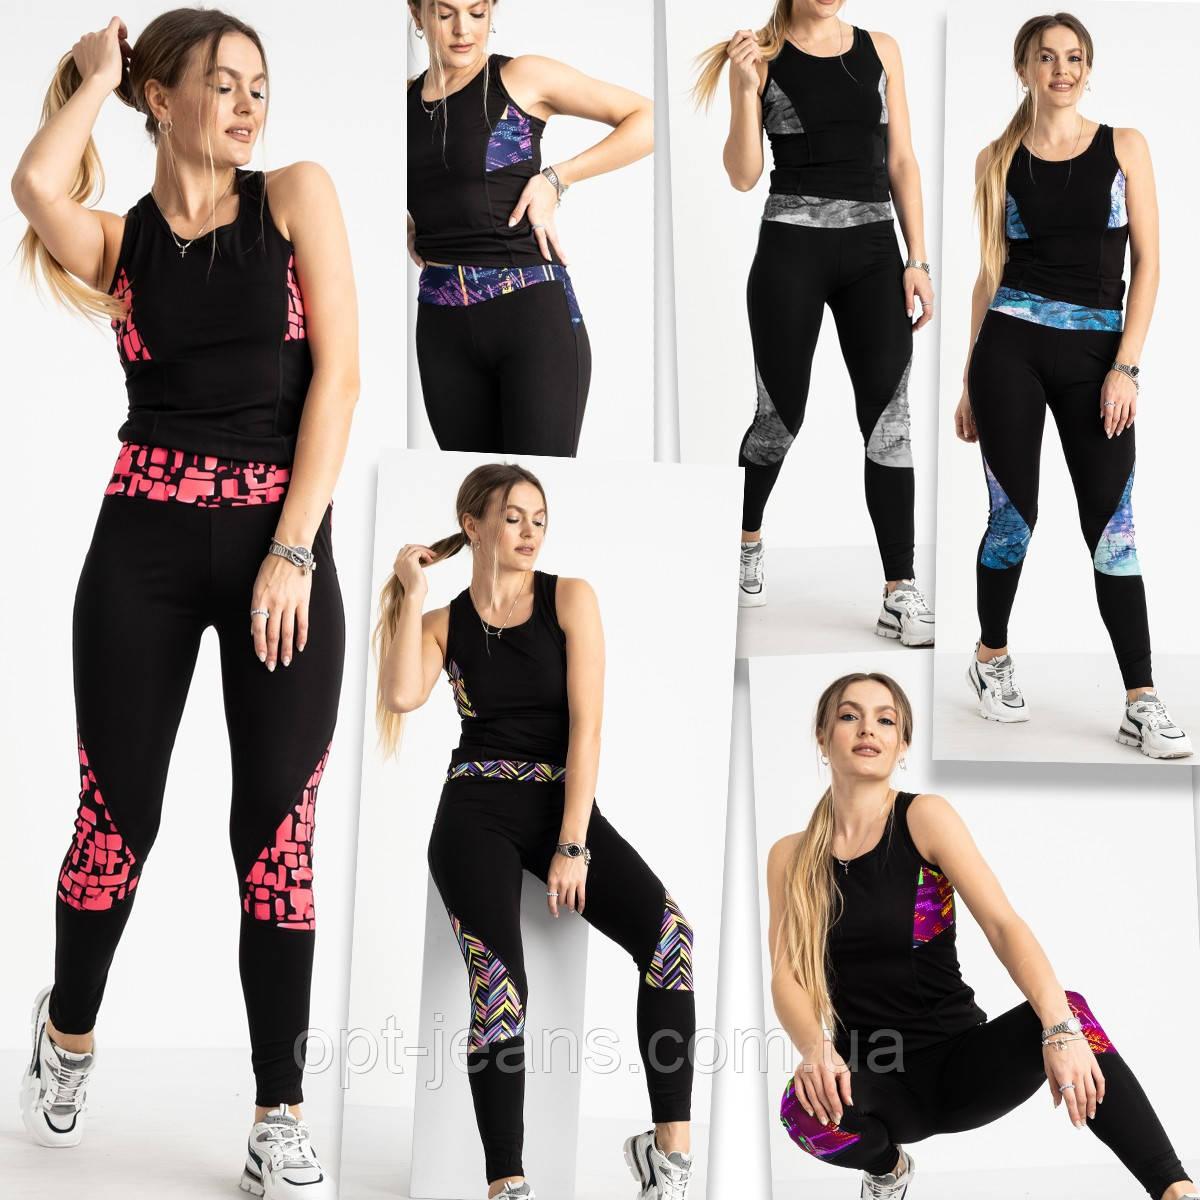 0468-107 фитнес-костюм женский стрейчевый микс цветов (4 ед. размеры: S-M/2, L-XL/2) Без выбора цветов